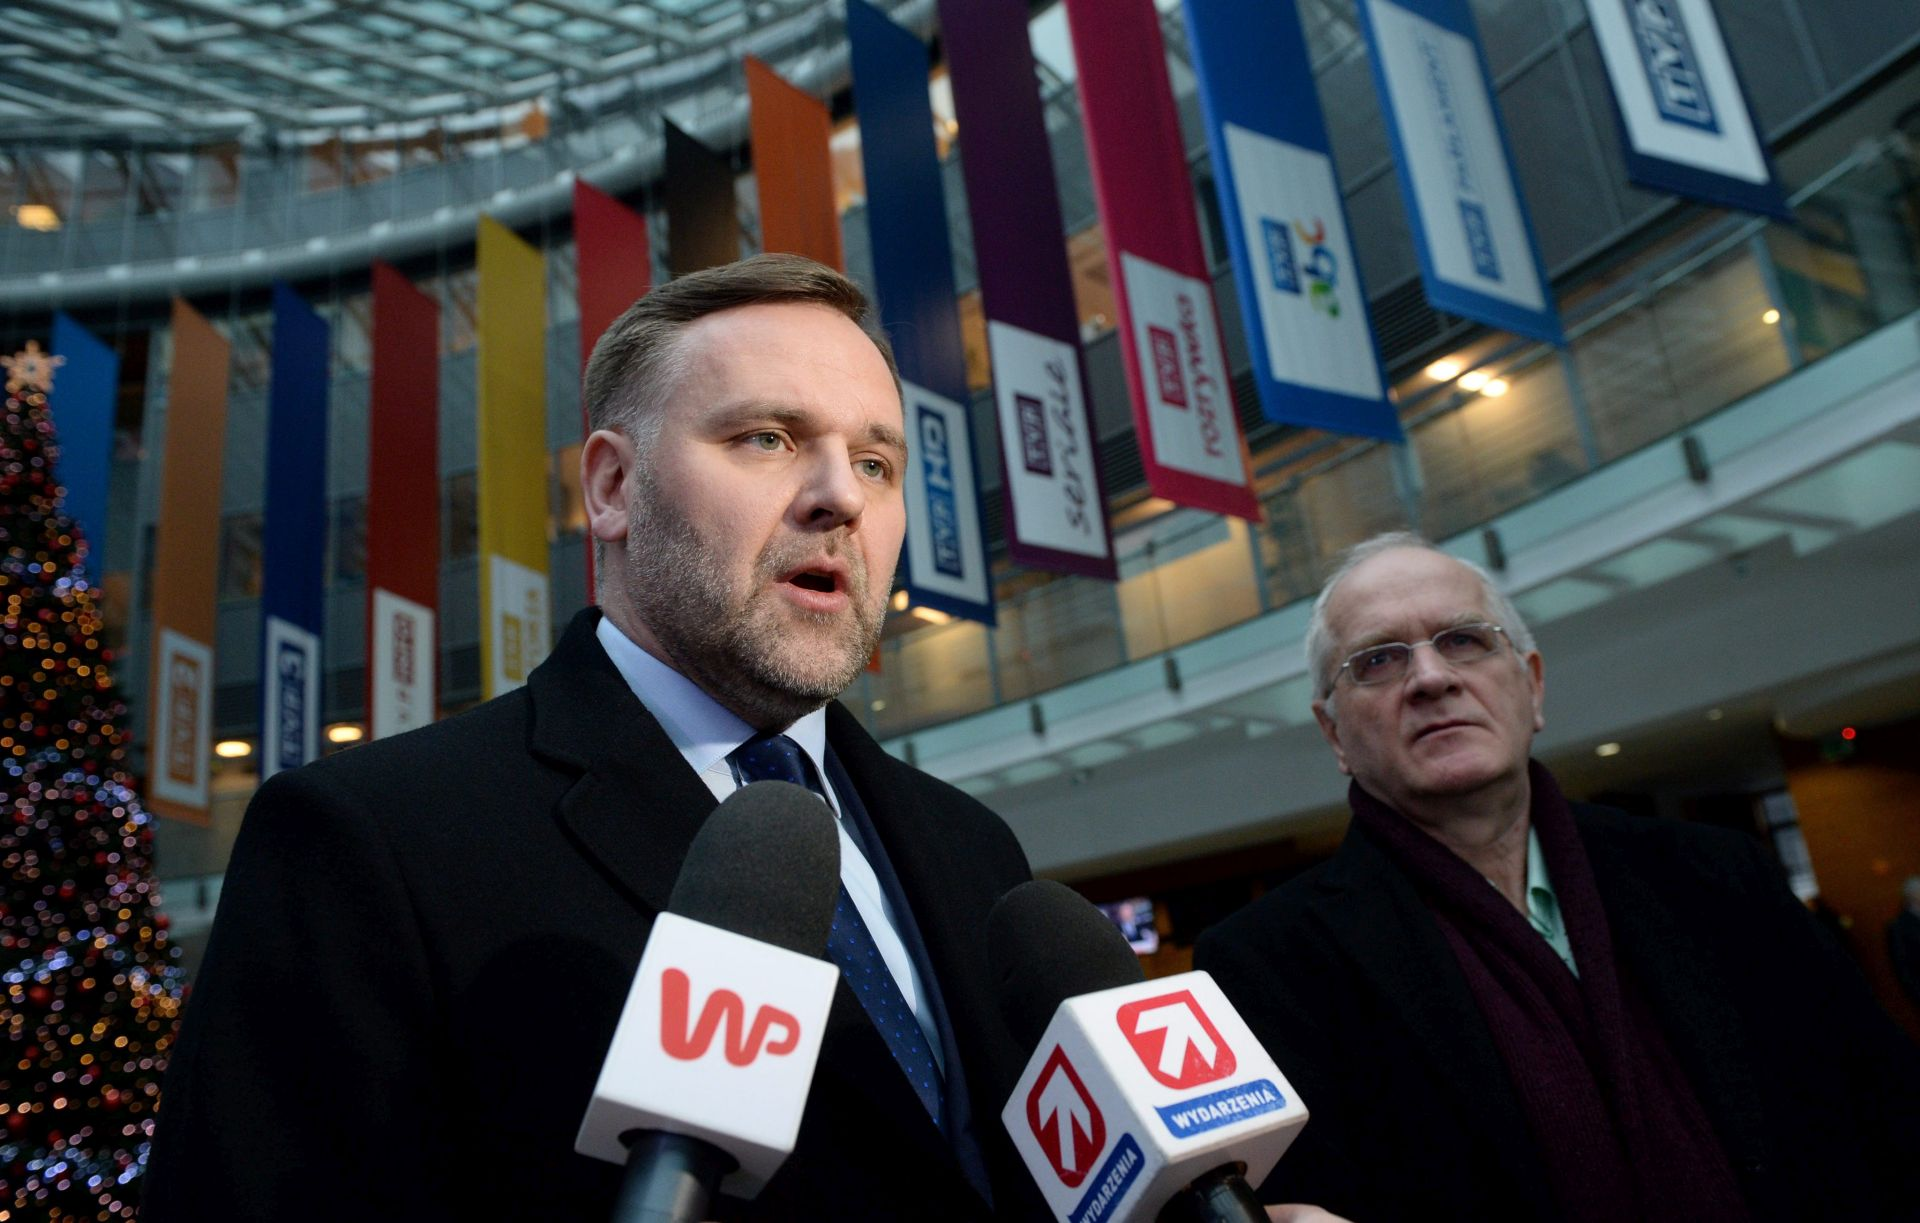 MEDIJI U POLJSKOJ: Varšava tvrdi da poštuje slobode i pluralizam medija